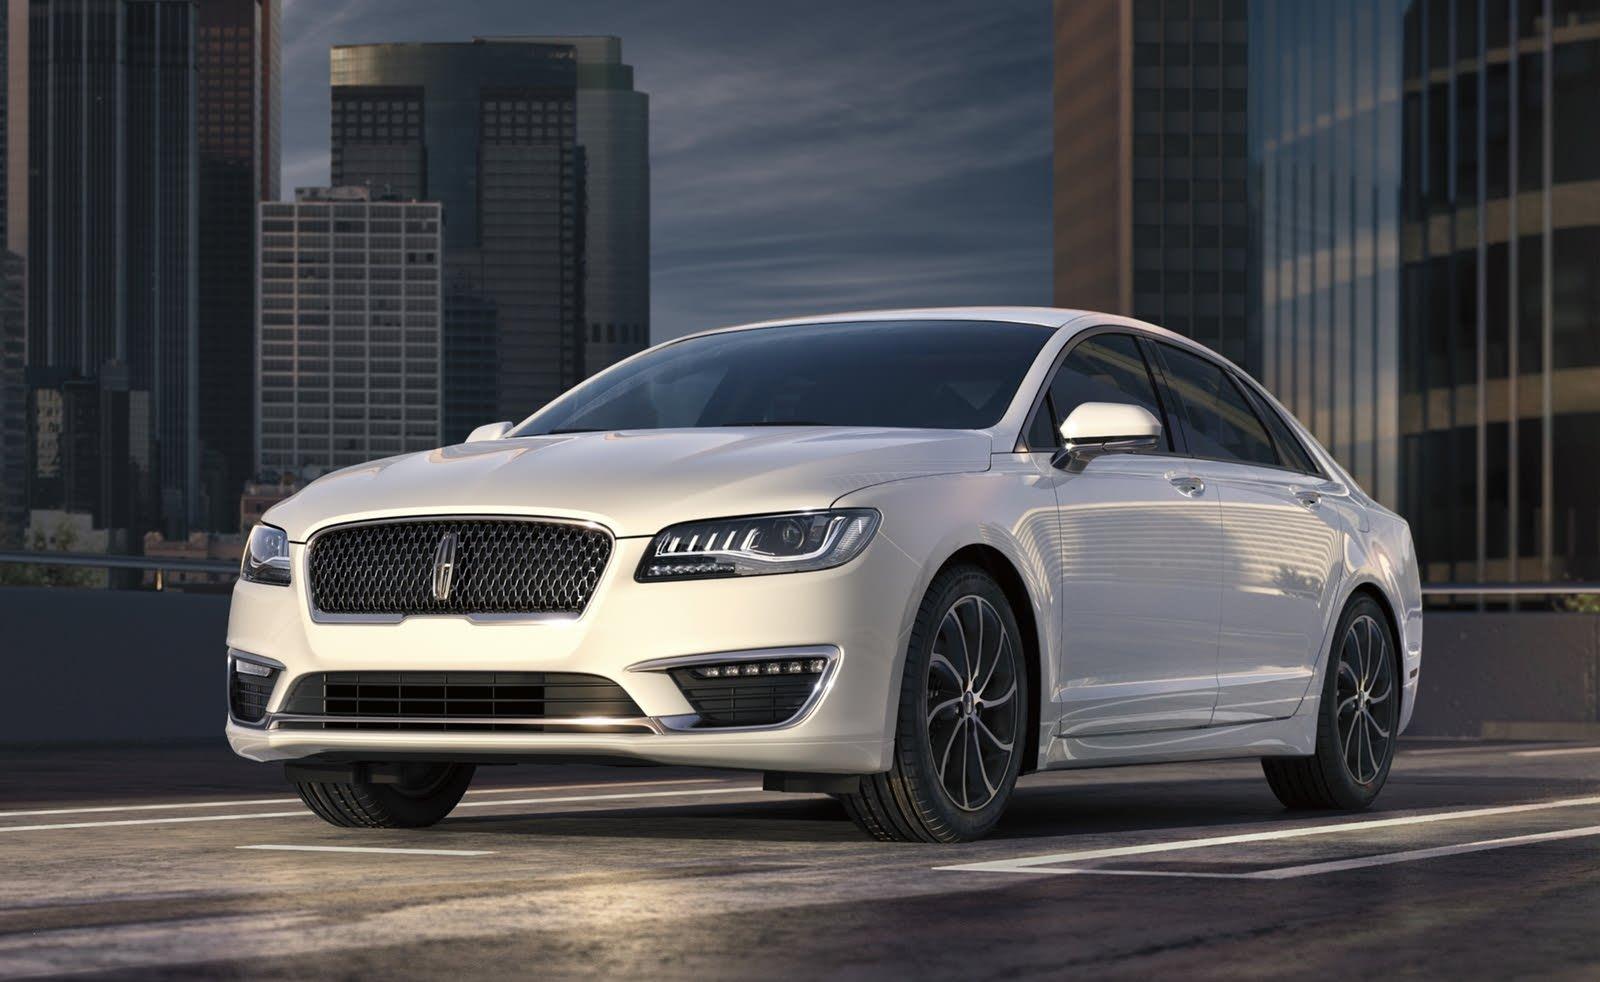 2020 Lincoln MKZ Hybrid Photos